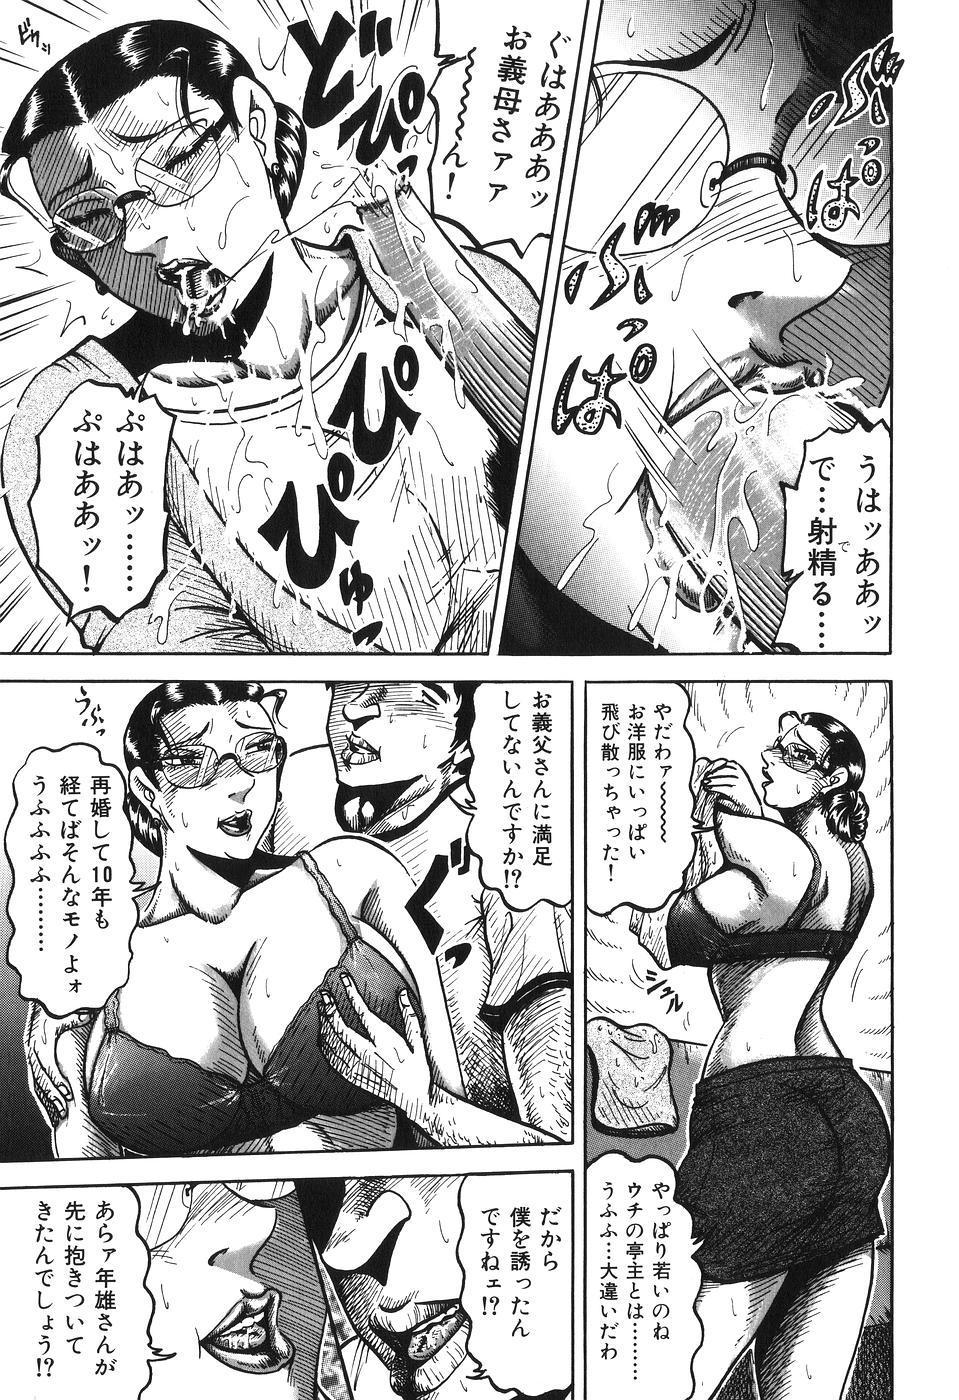 Jukubo Soukan Yosoji no Tawamure 140